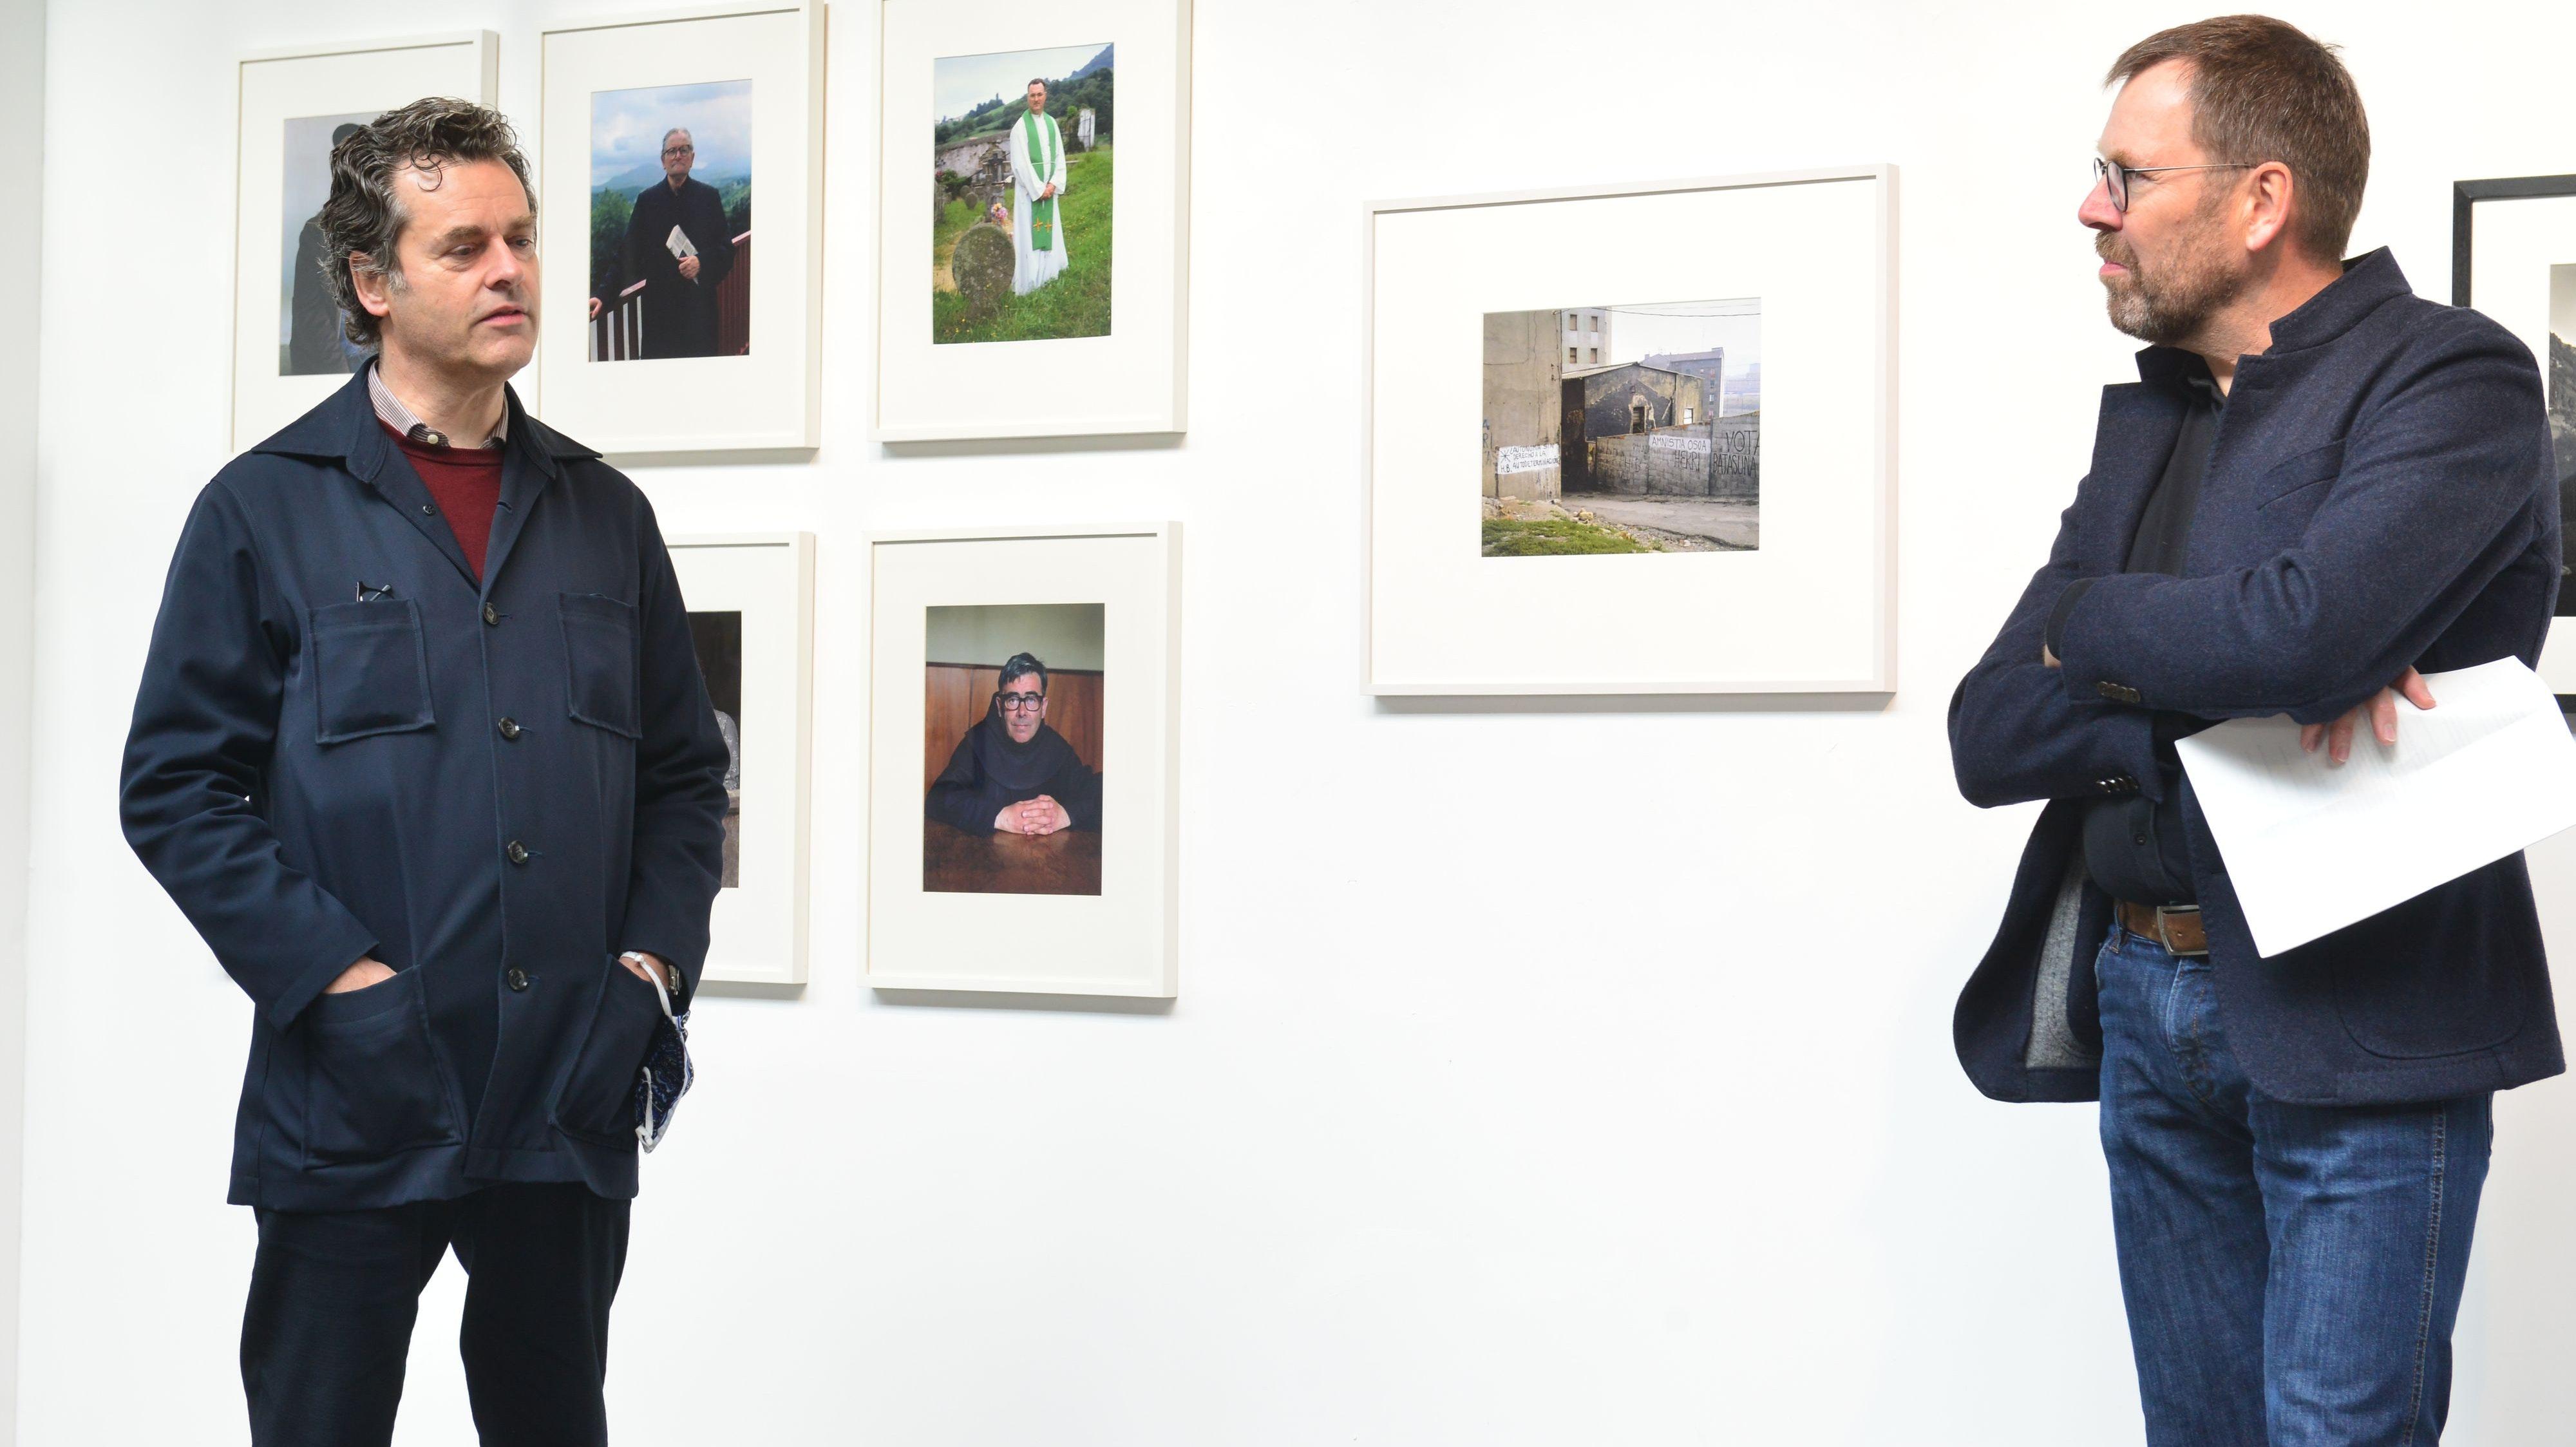 Im Gespräch: Künstler Laurenz Berges (links) erinnerte an die Zeit als Assistent bei Evelyn Hofer in New York. Rechts der stellvertretende Vorsitzende des Kunstkreises, Dr. Robert Berges.  Foto: Heidkamp